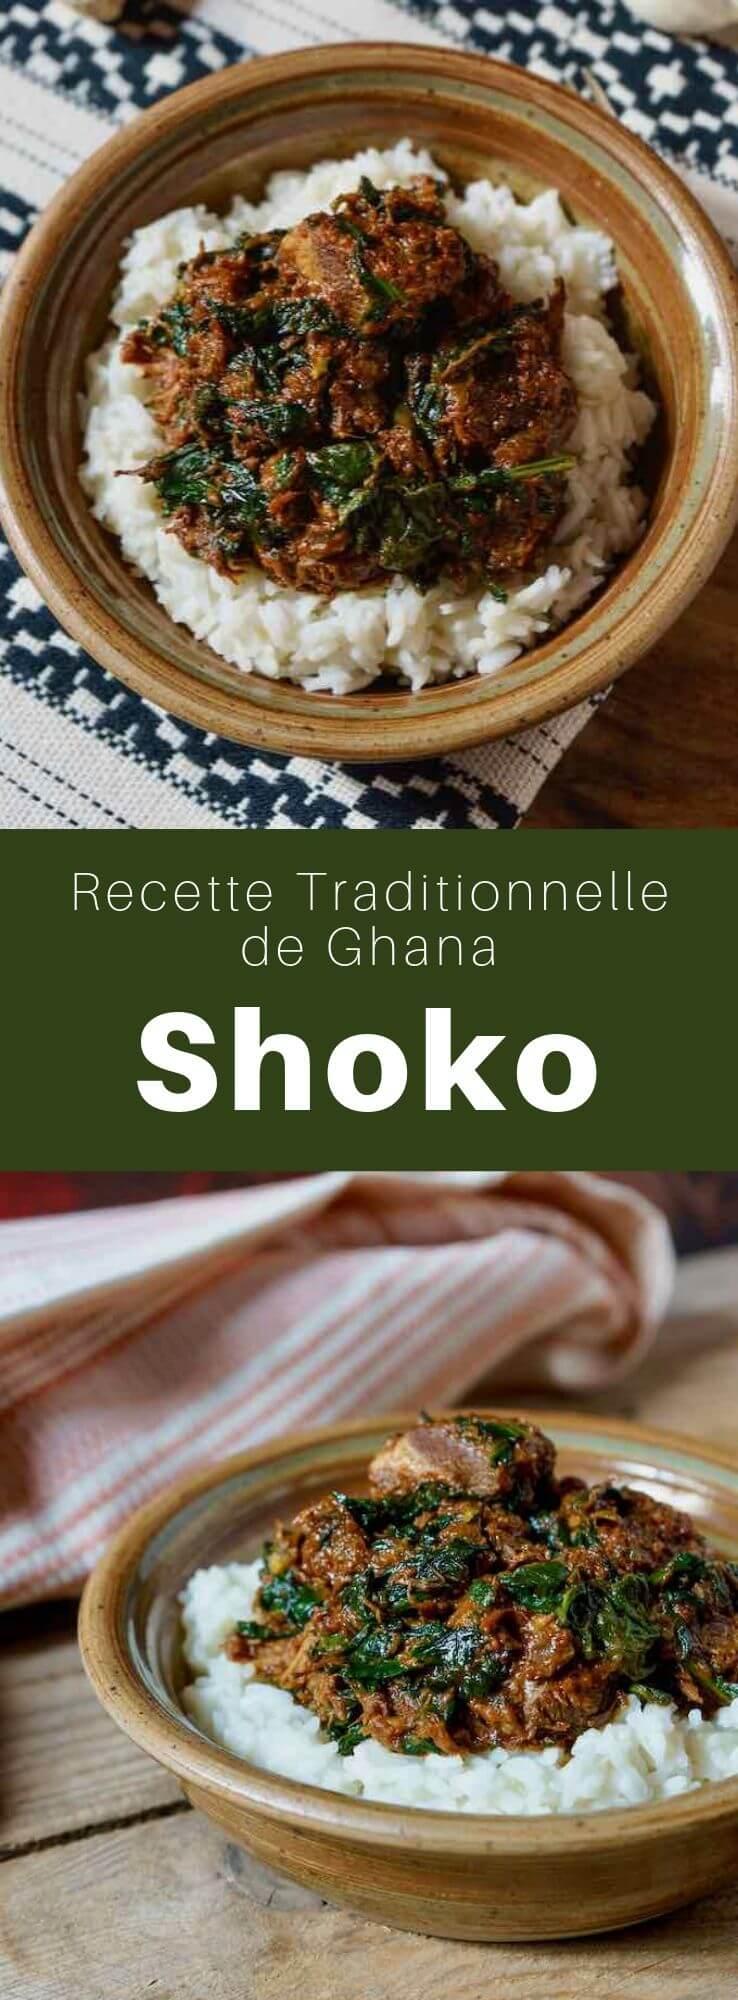 Le shoko est un délicieux ragoût traditionnel originaire du Ghana, qui se prépare avec du bœuf, des épinards et des tomates. #Ghana #Afrique #AfriqueDeLouest #RecetteAfricaine #CuisineAfricaine #CuisineDuMonde #196flavors